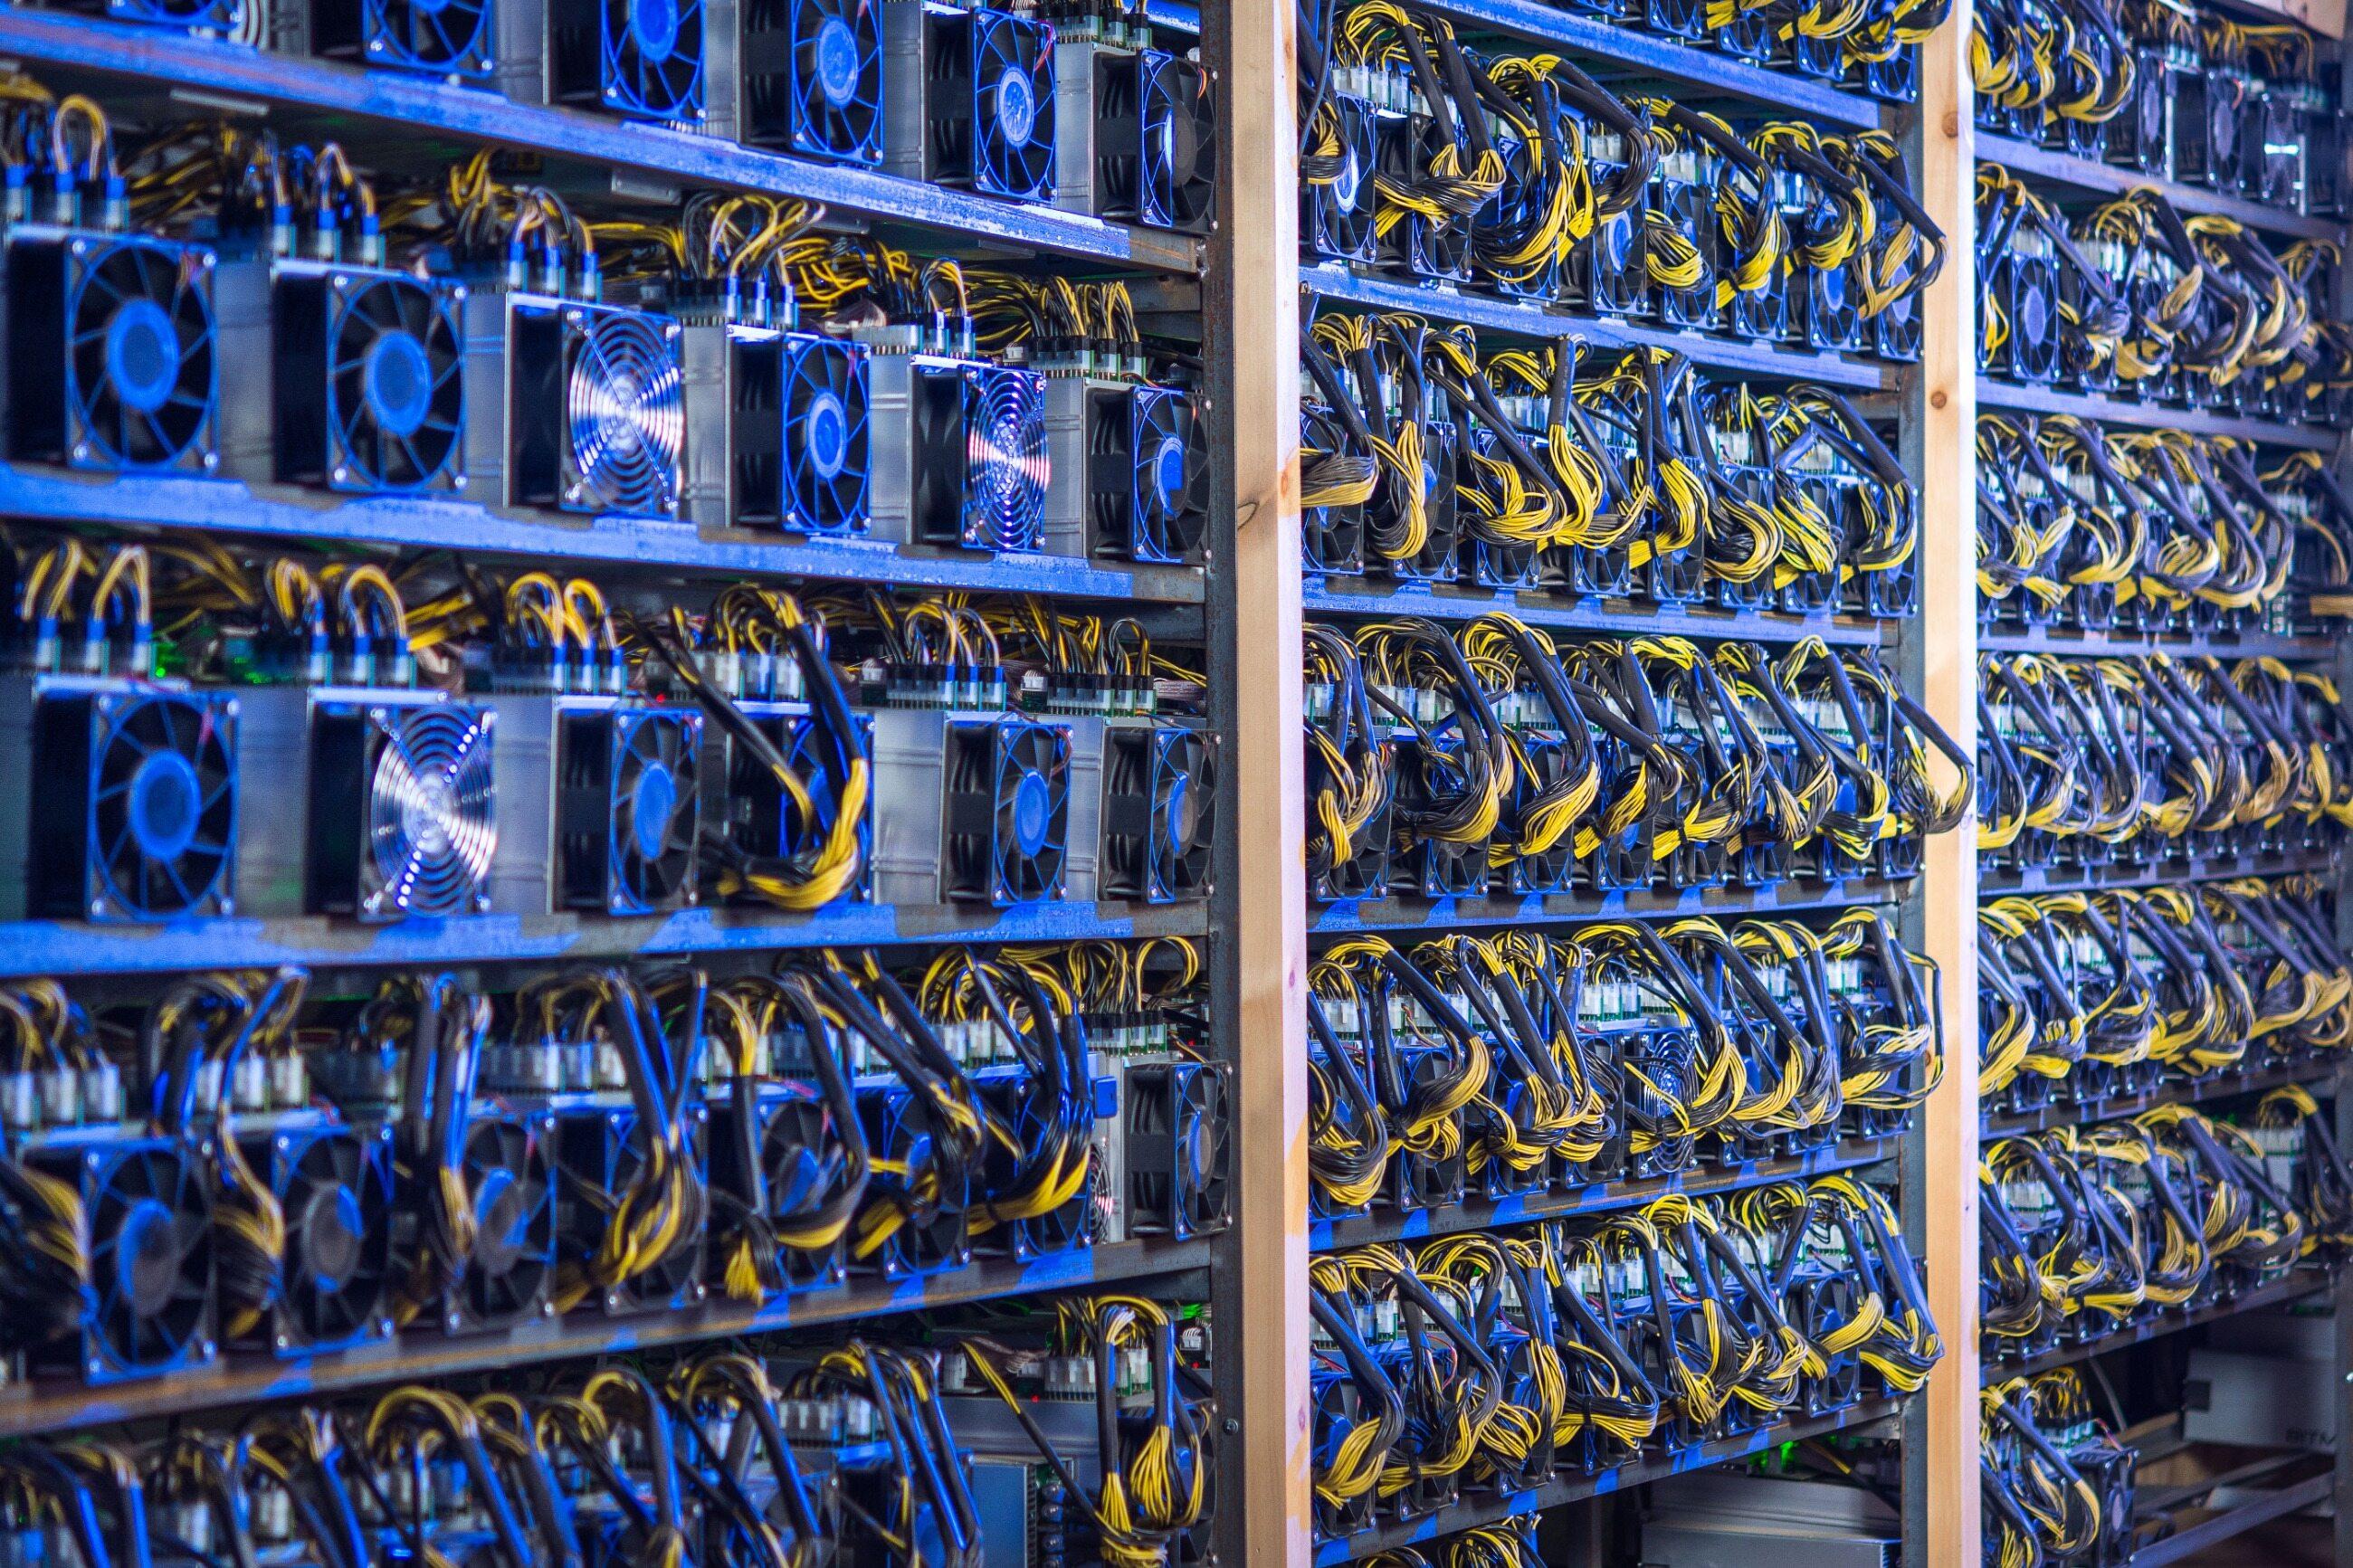 inwestycja w kopalnie bitcoin btc shorts bitfinex tradingview